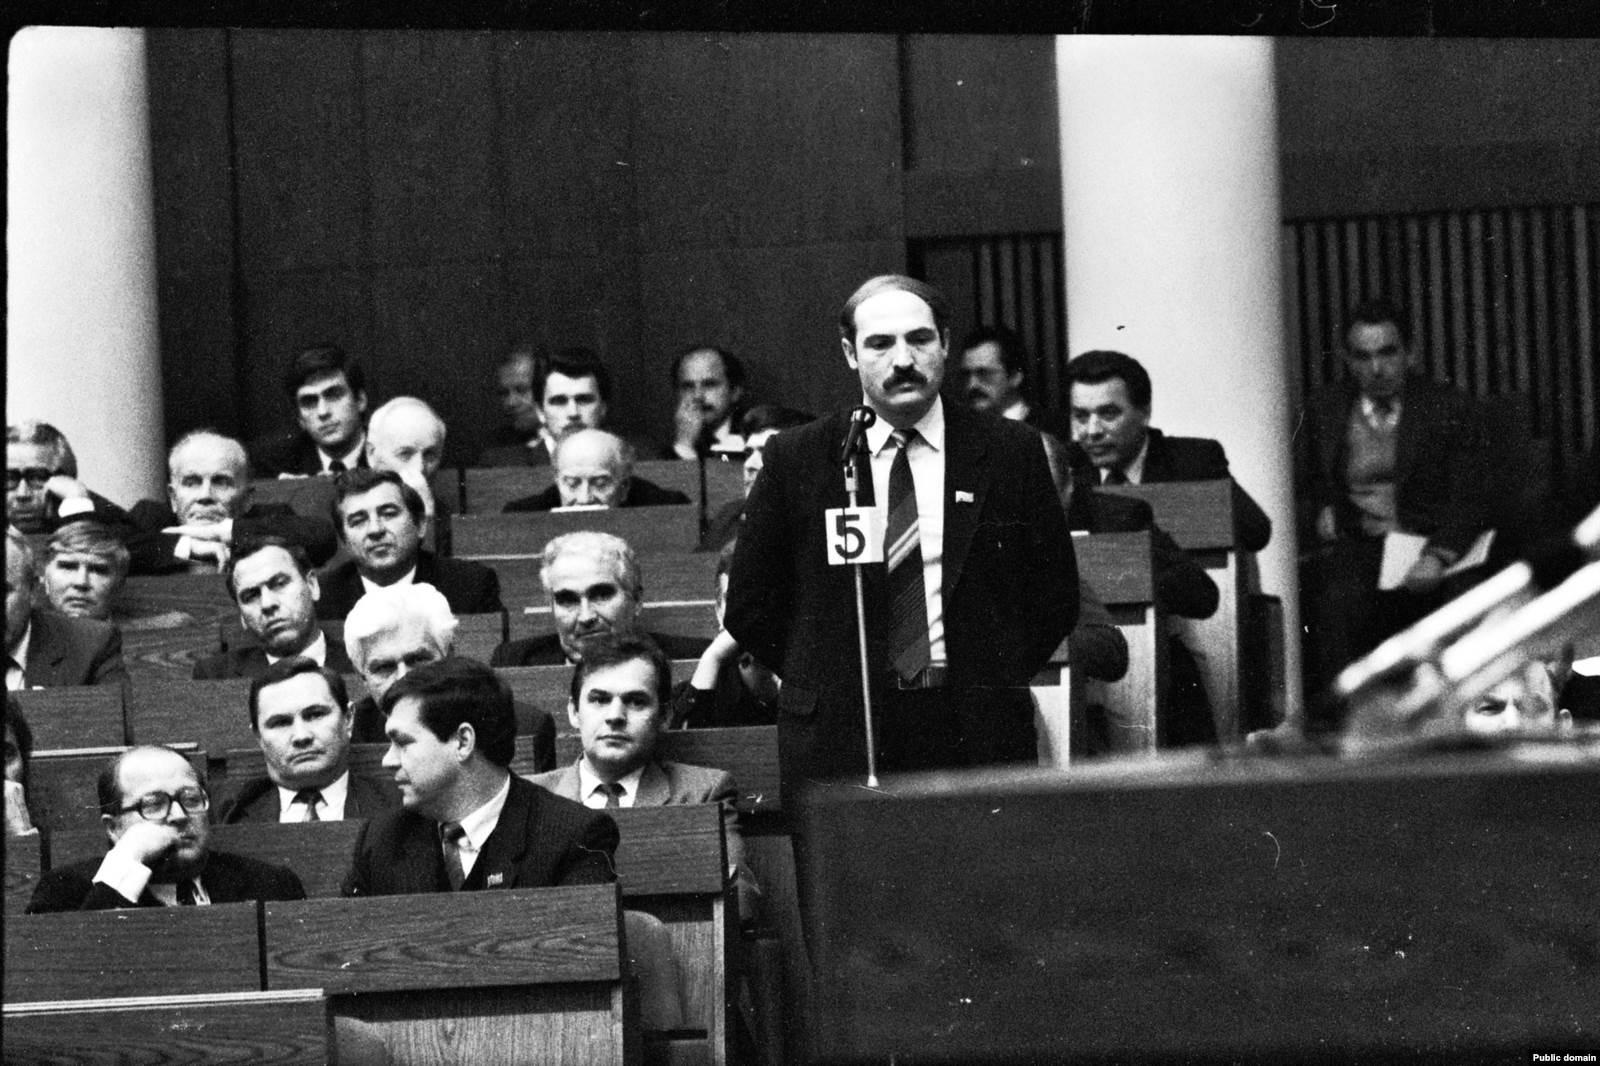 Депутат Александр Лукашенко в Овальном зале Верховного совета, 1991 год. Фото: Владимир Сапогов